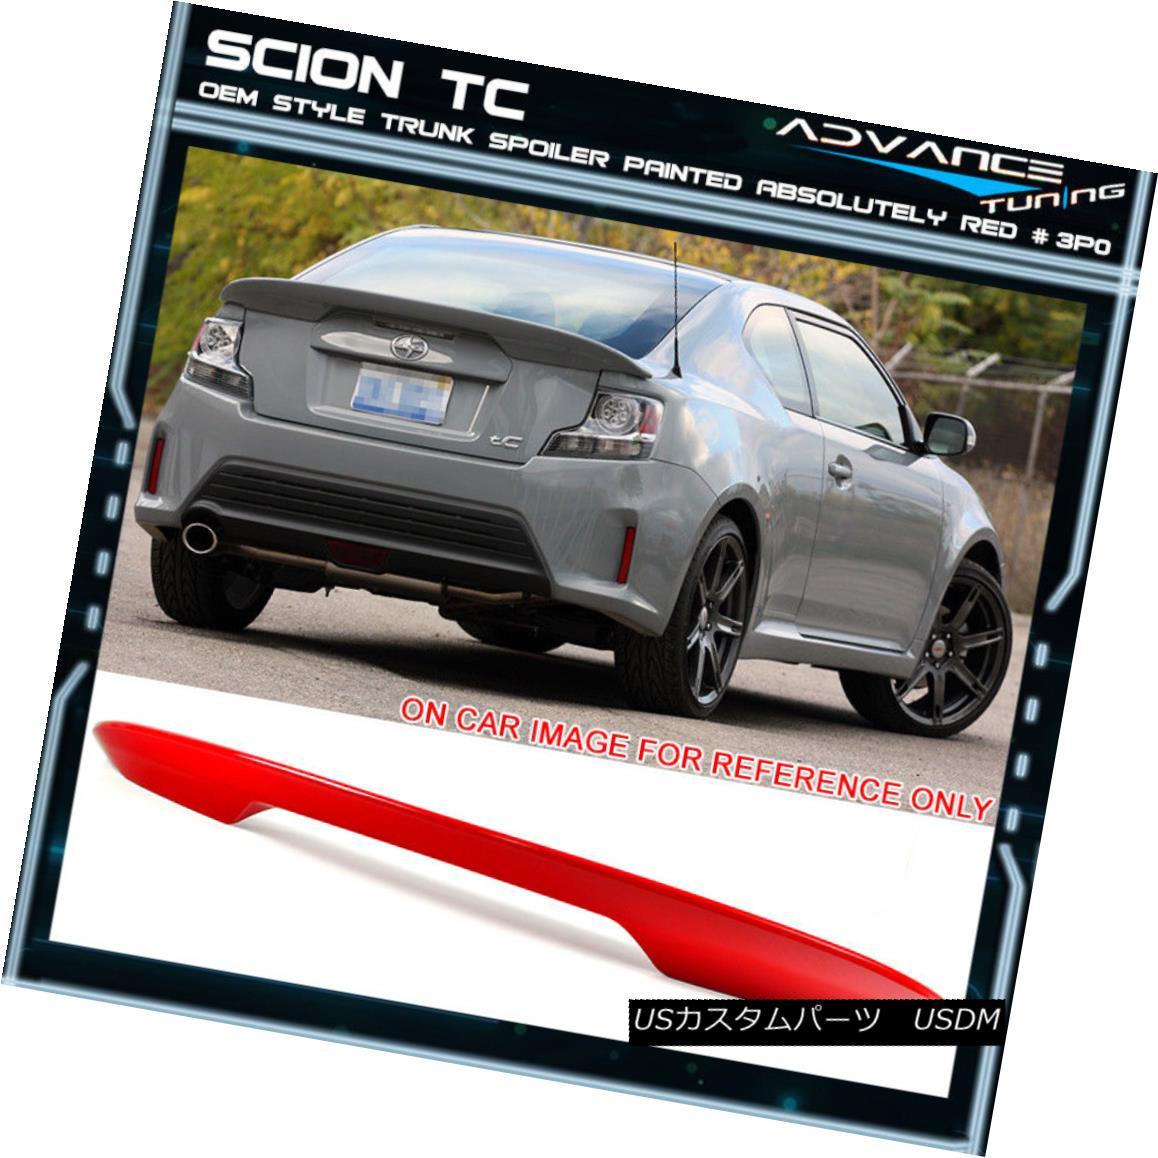 エアロパーツ Fits 11-16 Scion tC OE Trunk Spoiler OEM Painted Color Absolutely Red # 3P0 フィット11-16シオンtC OEのトランク・スポイラーOEM塗装色絶対に赤#3P0